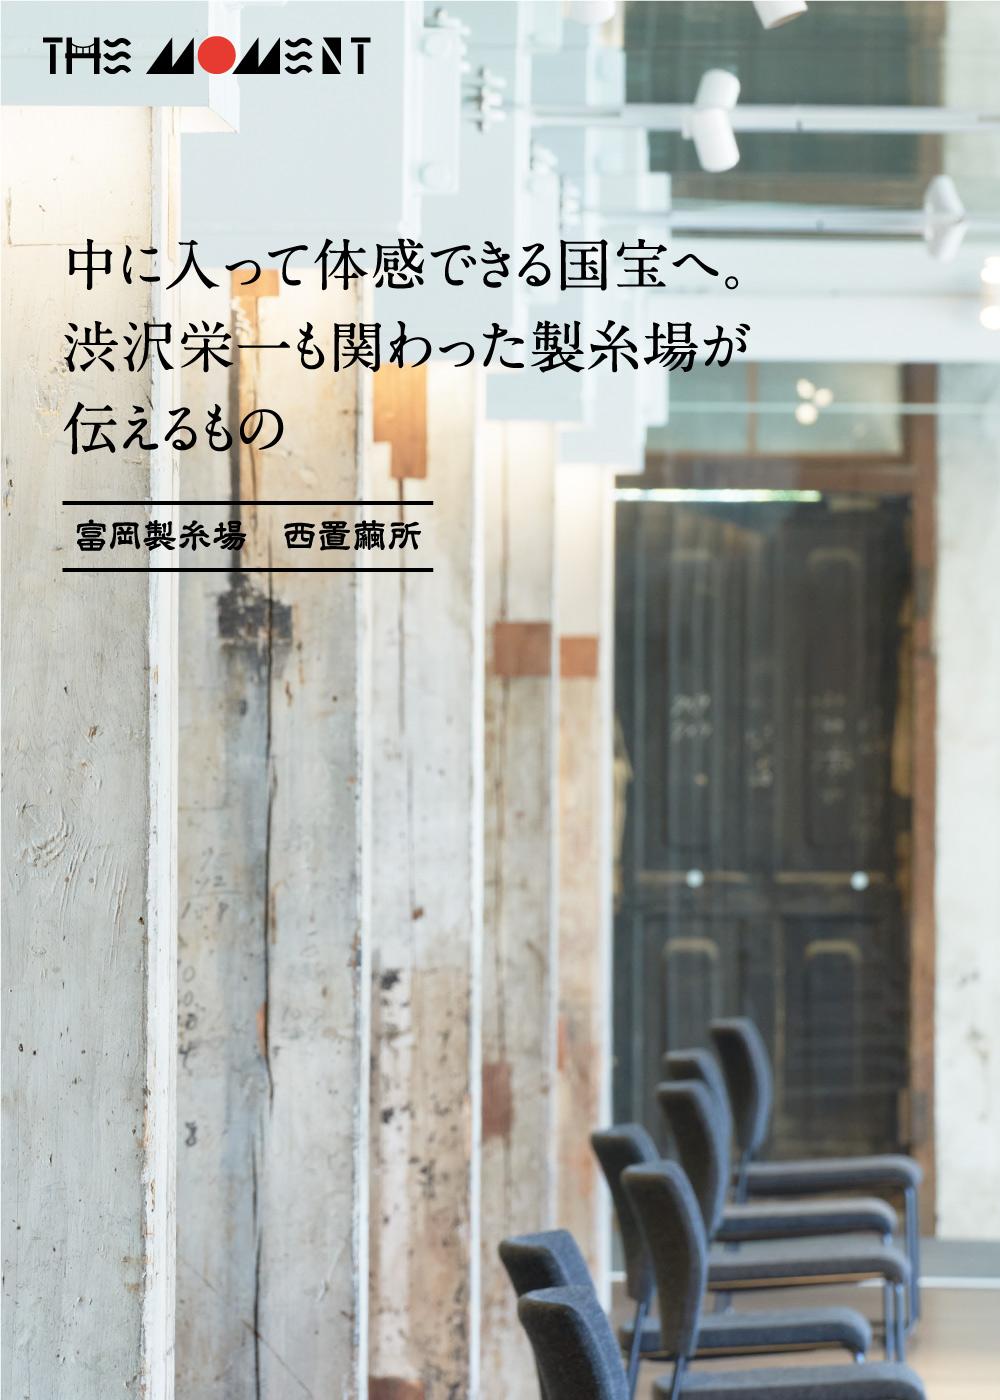 中に入って体験できる国宝へ。渋沢栄一も関わった製糸場が伝えるもの